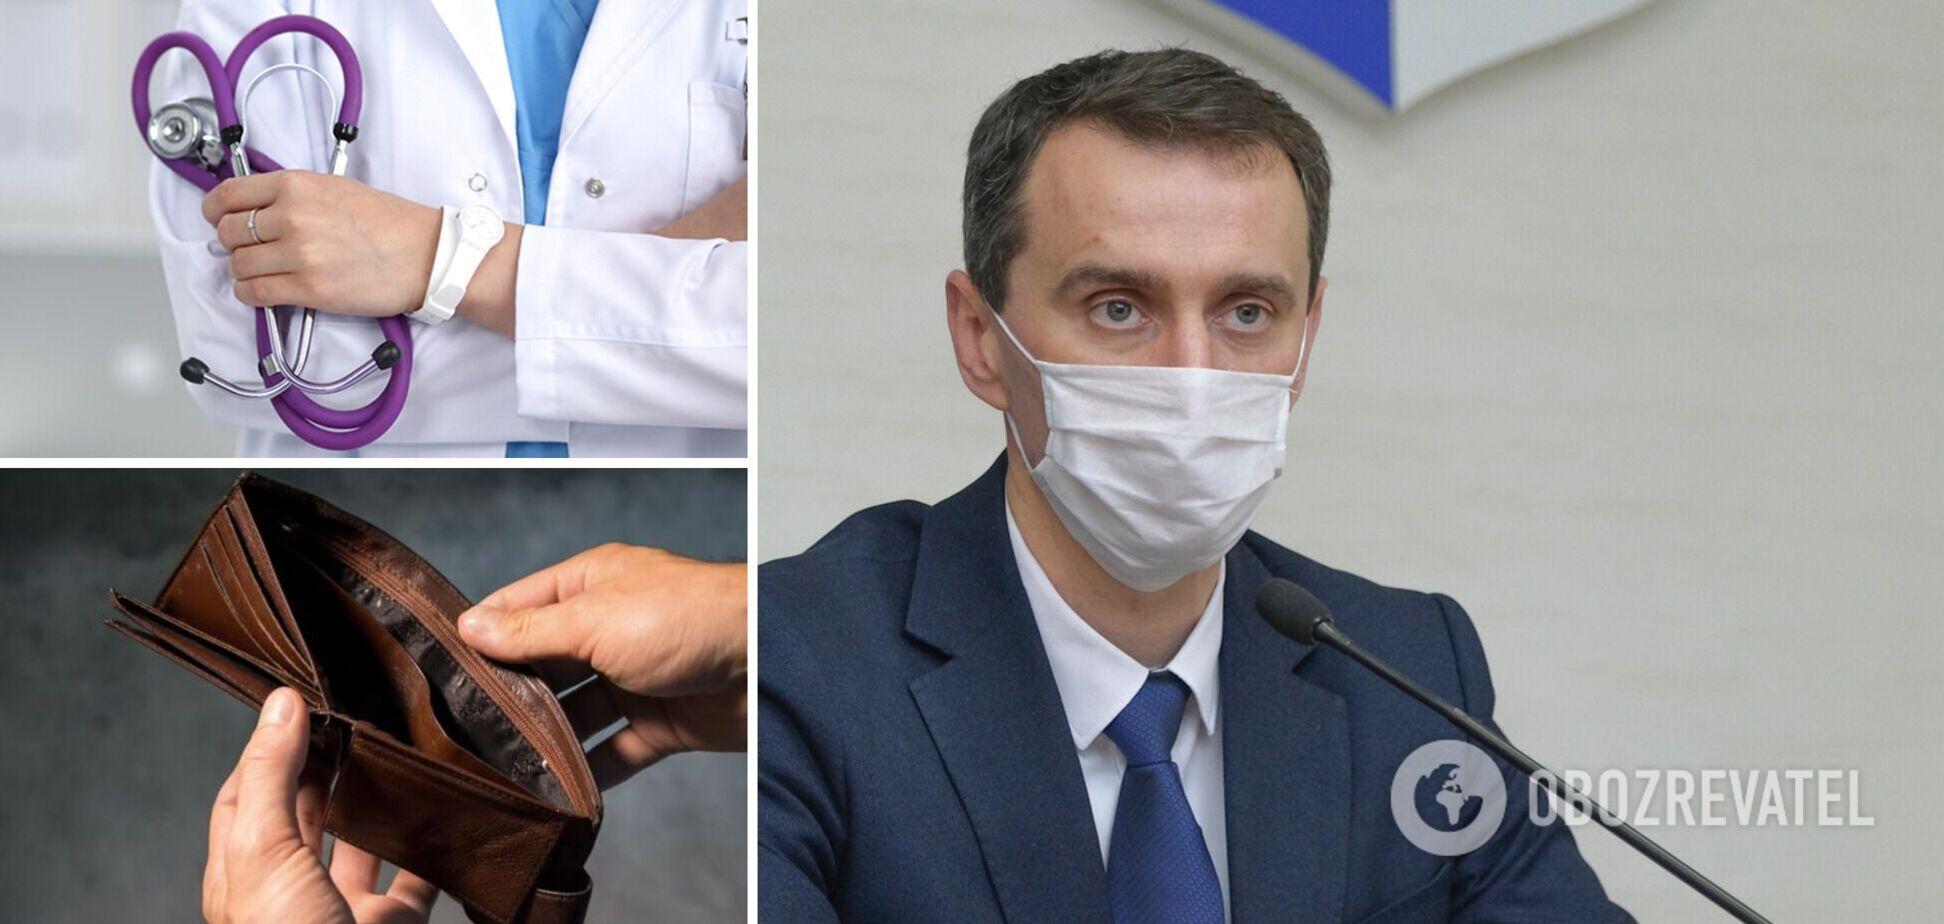 Міністр Віктор Ляшко розповів, скільки зароблятимуть медики в Україні